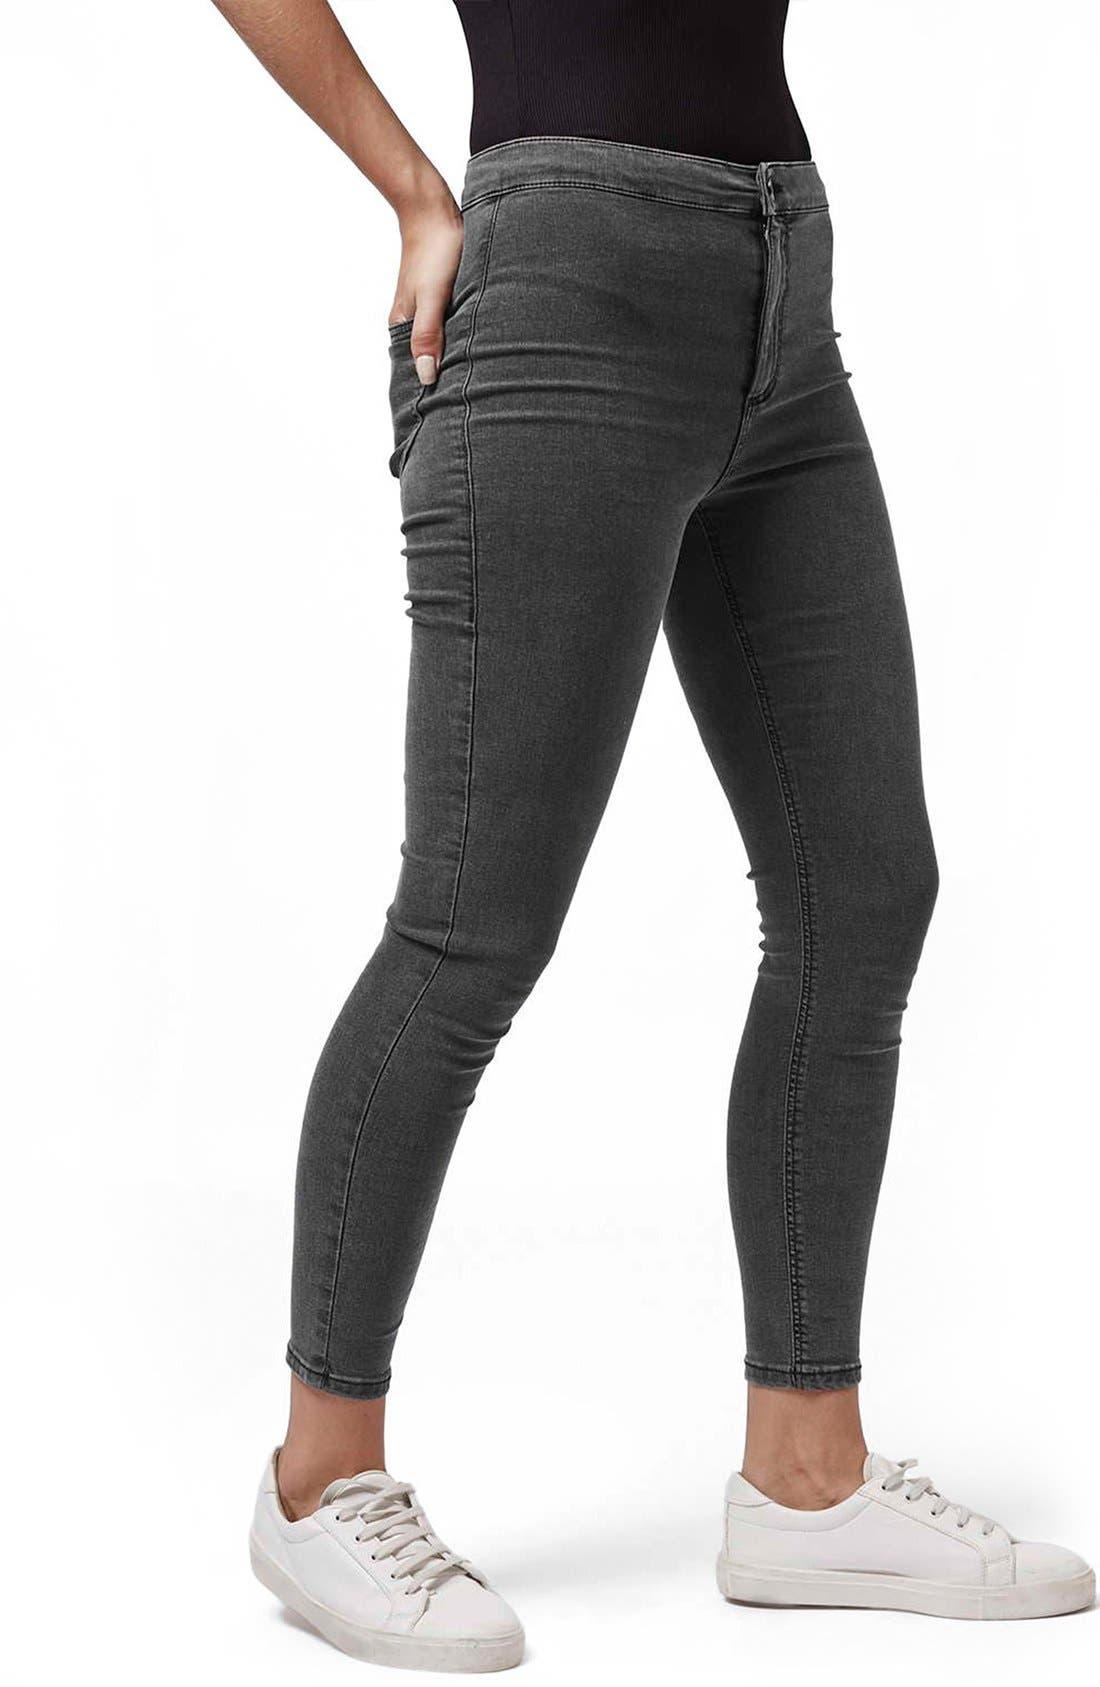 Topshop 'Joni' High Rise Skinny Jeans (Petite)